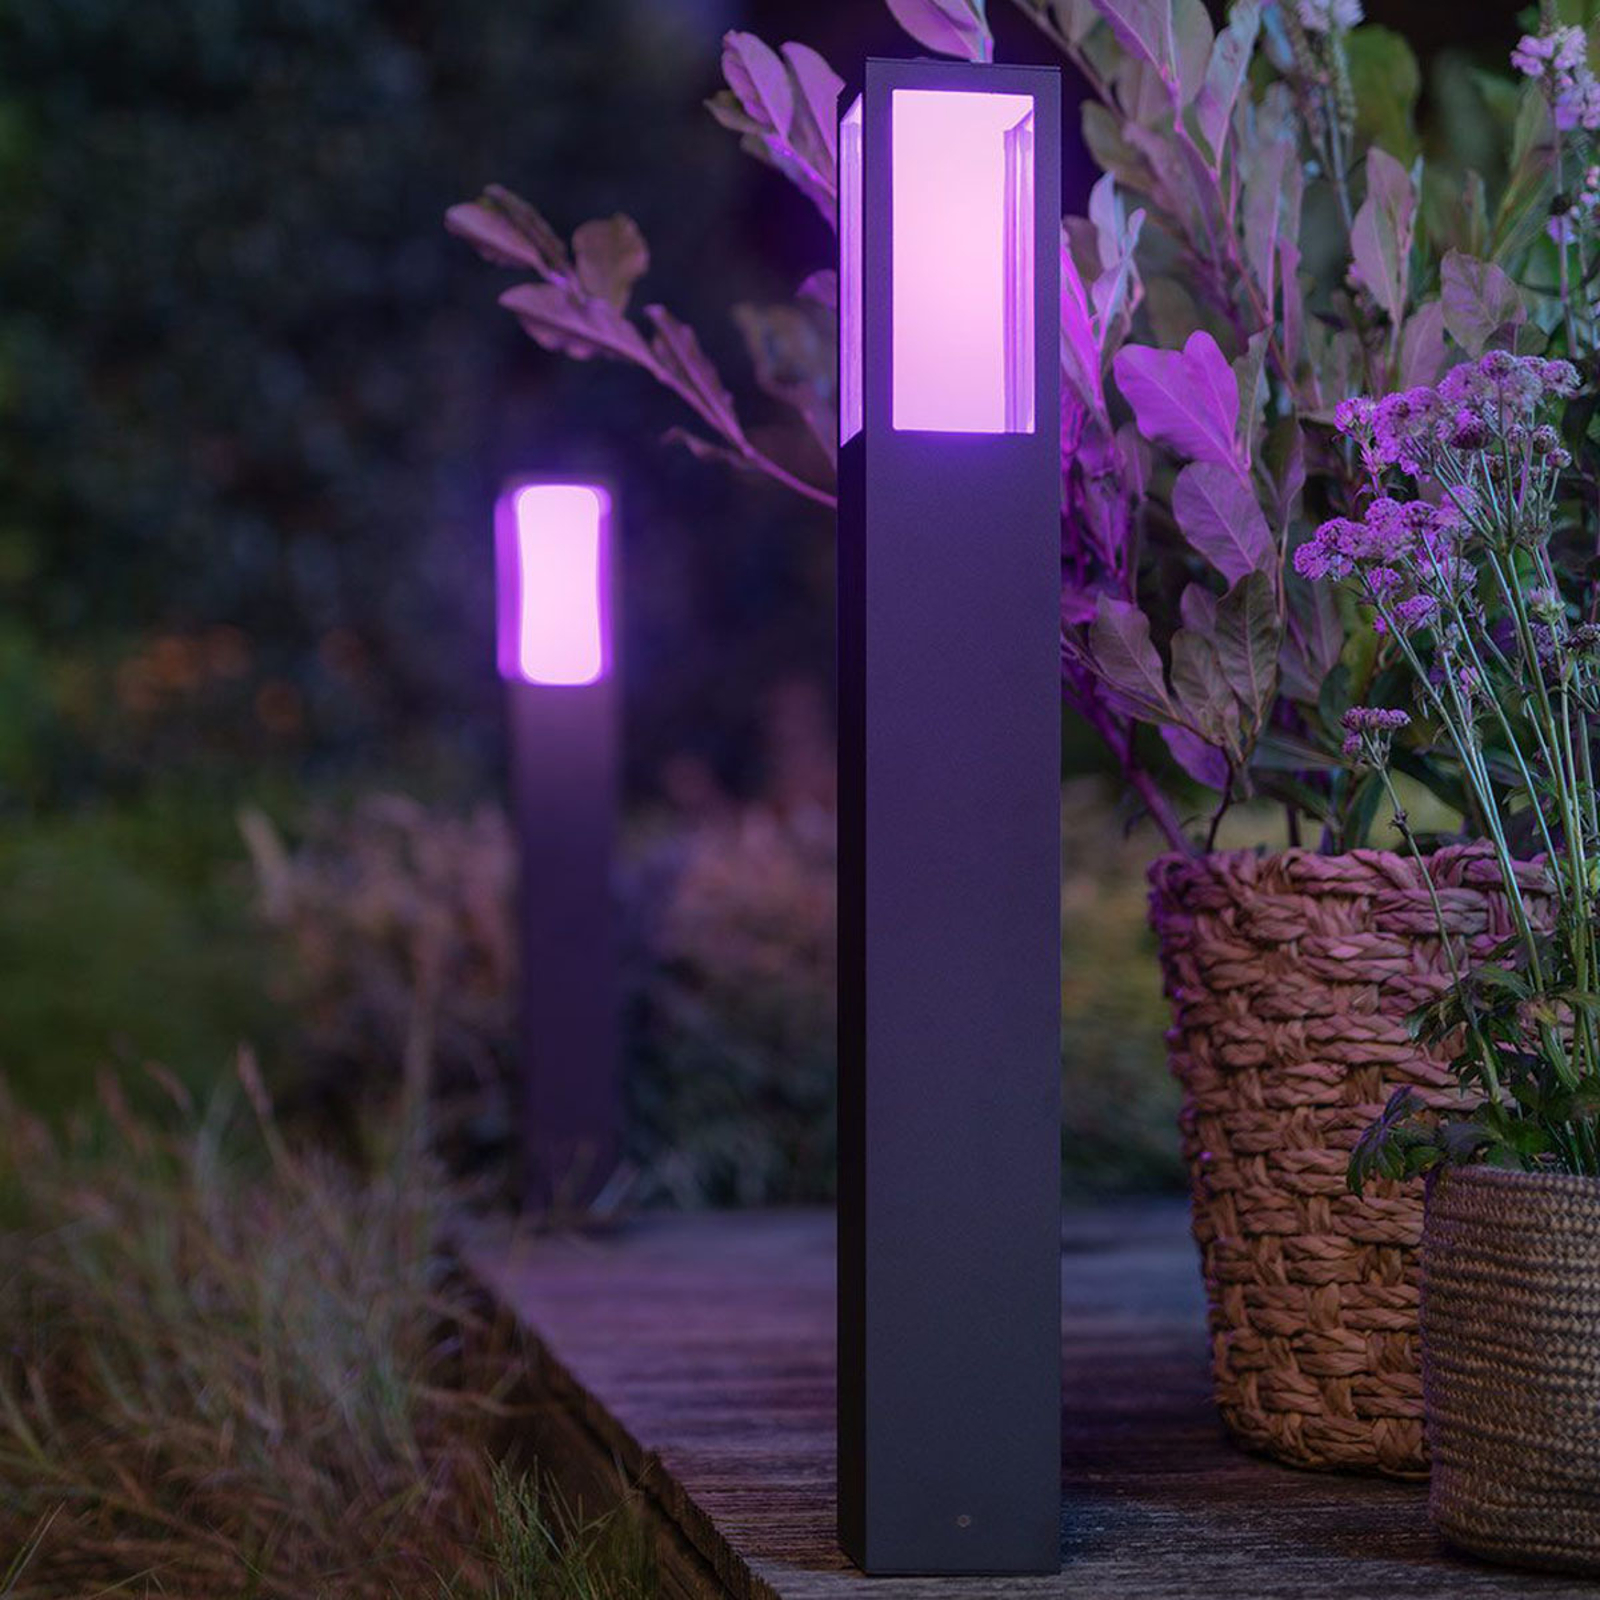 Philips Hue White+Color Impress LED-vejlampe